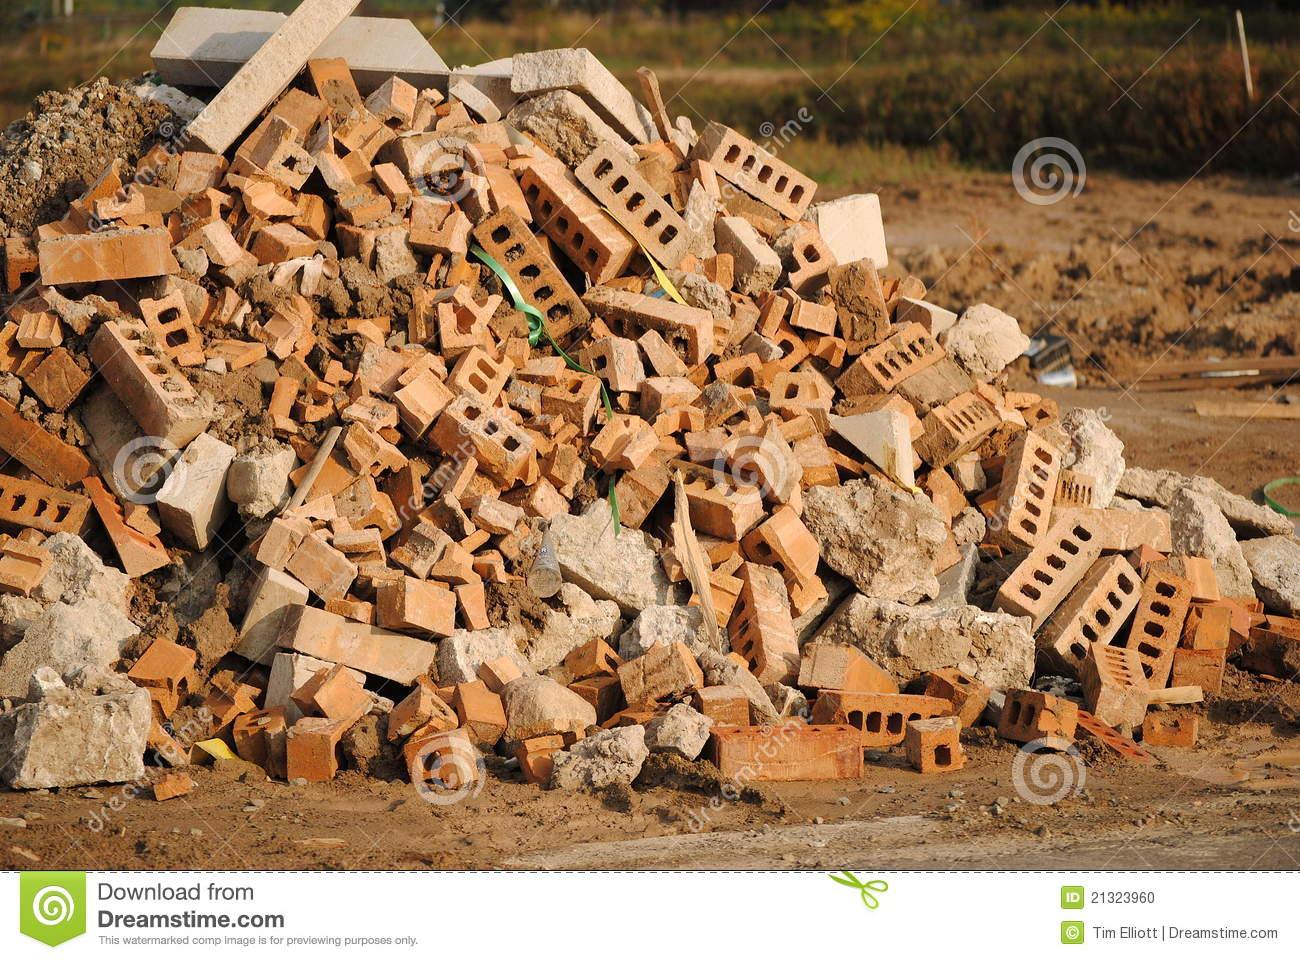 Construction debris clipart #14